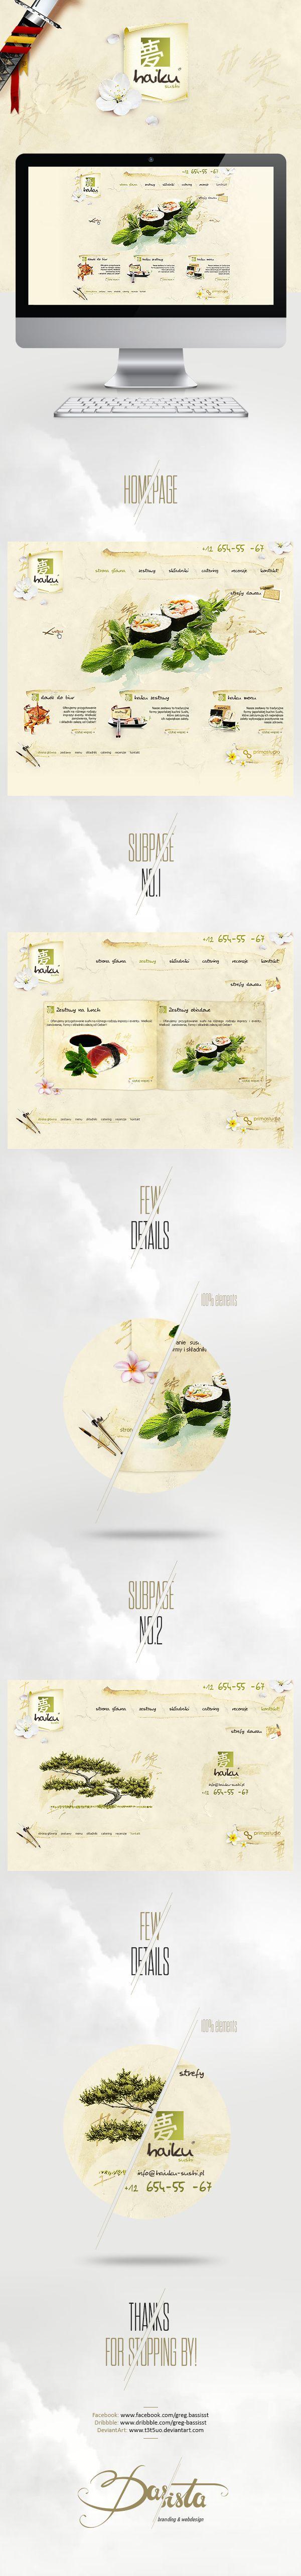 Inspiração de #webdesign Haiku sushi por Greg Basista. Detalhes que dão delicadeza e requinte a identidade do site.